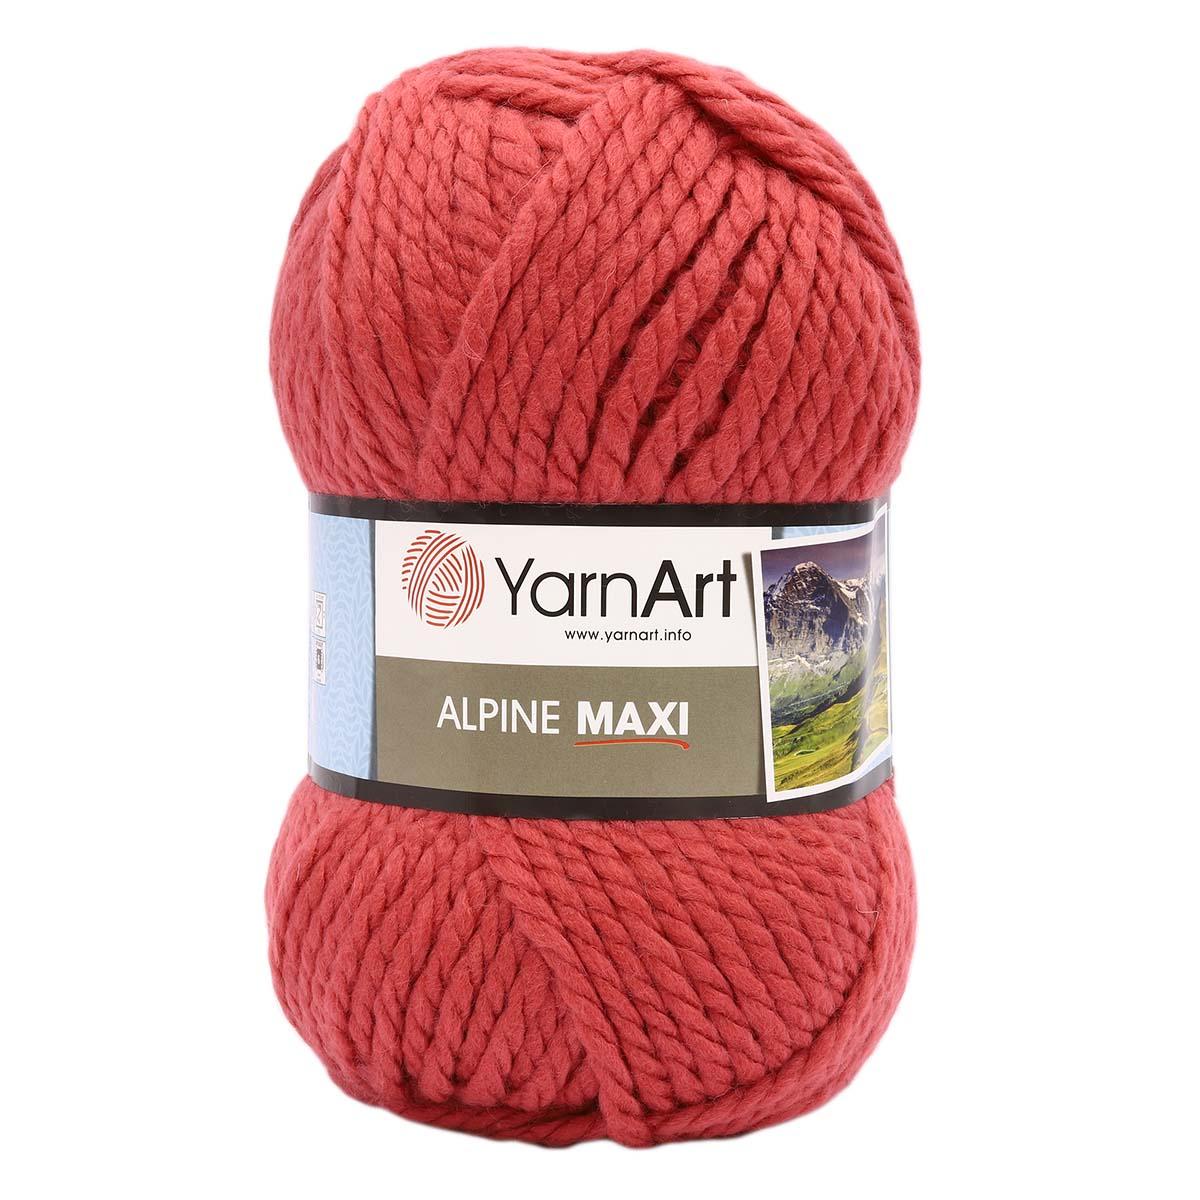 Пряжа YarnArt 'Alpine Maxi' 250г., 105м. (40% шерсть, 60% акрил)